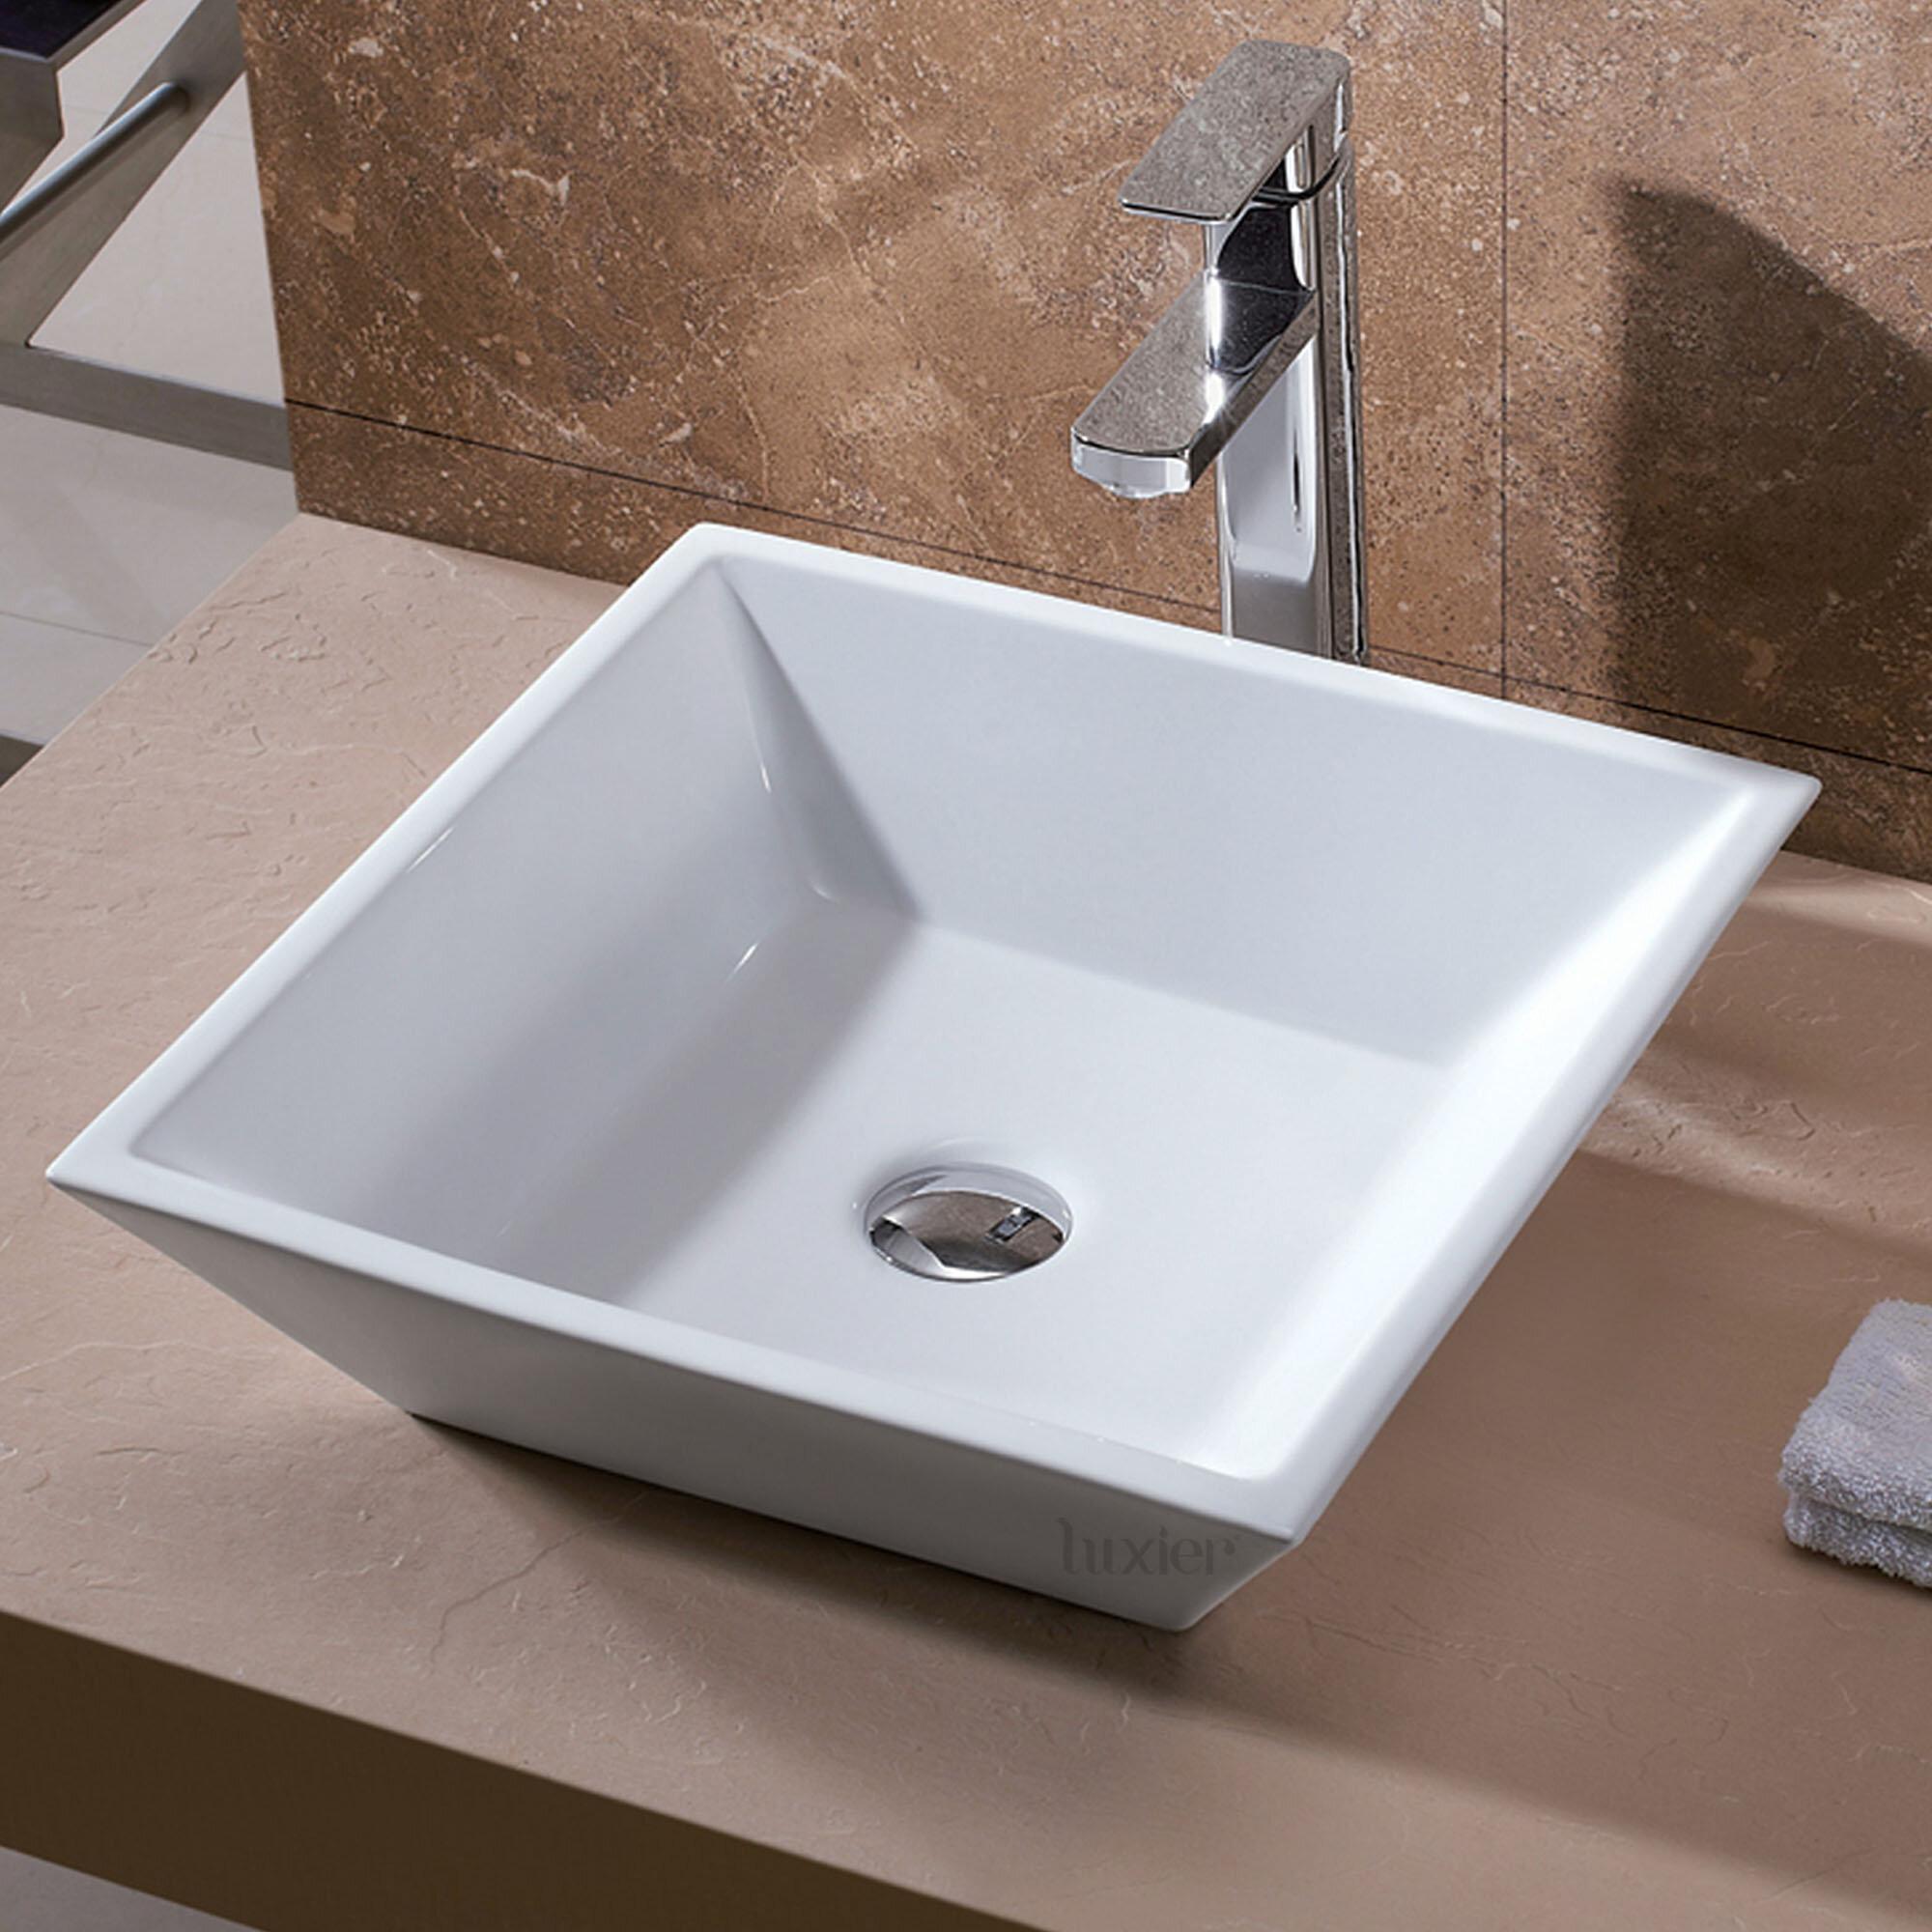 Bathroom Ceramic Square Vessel